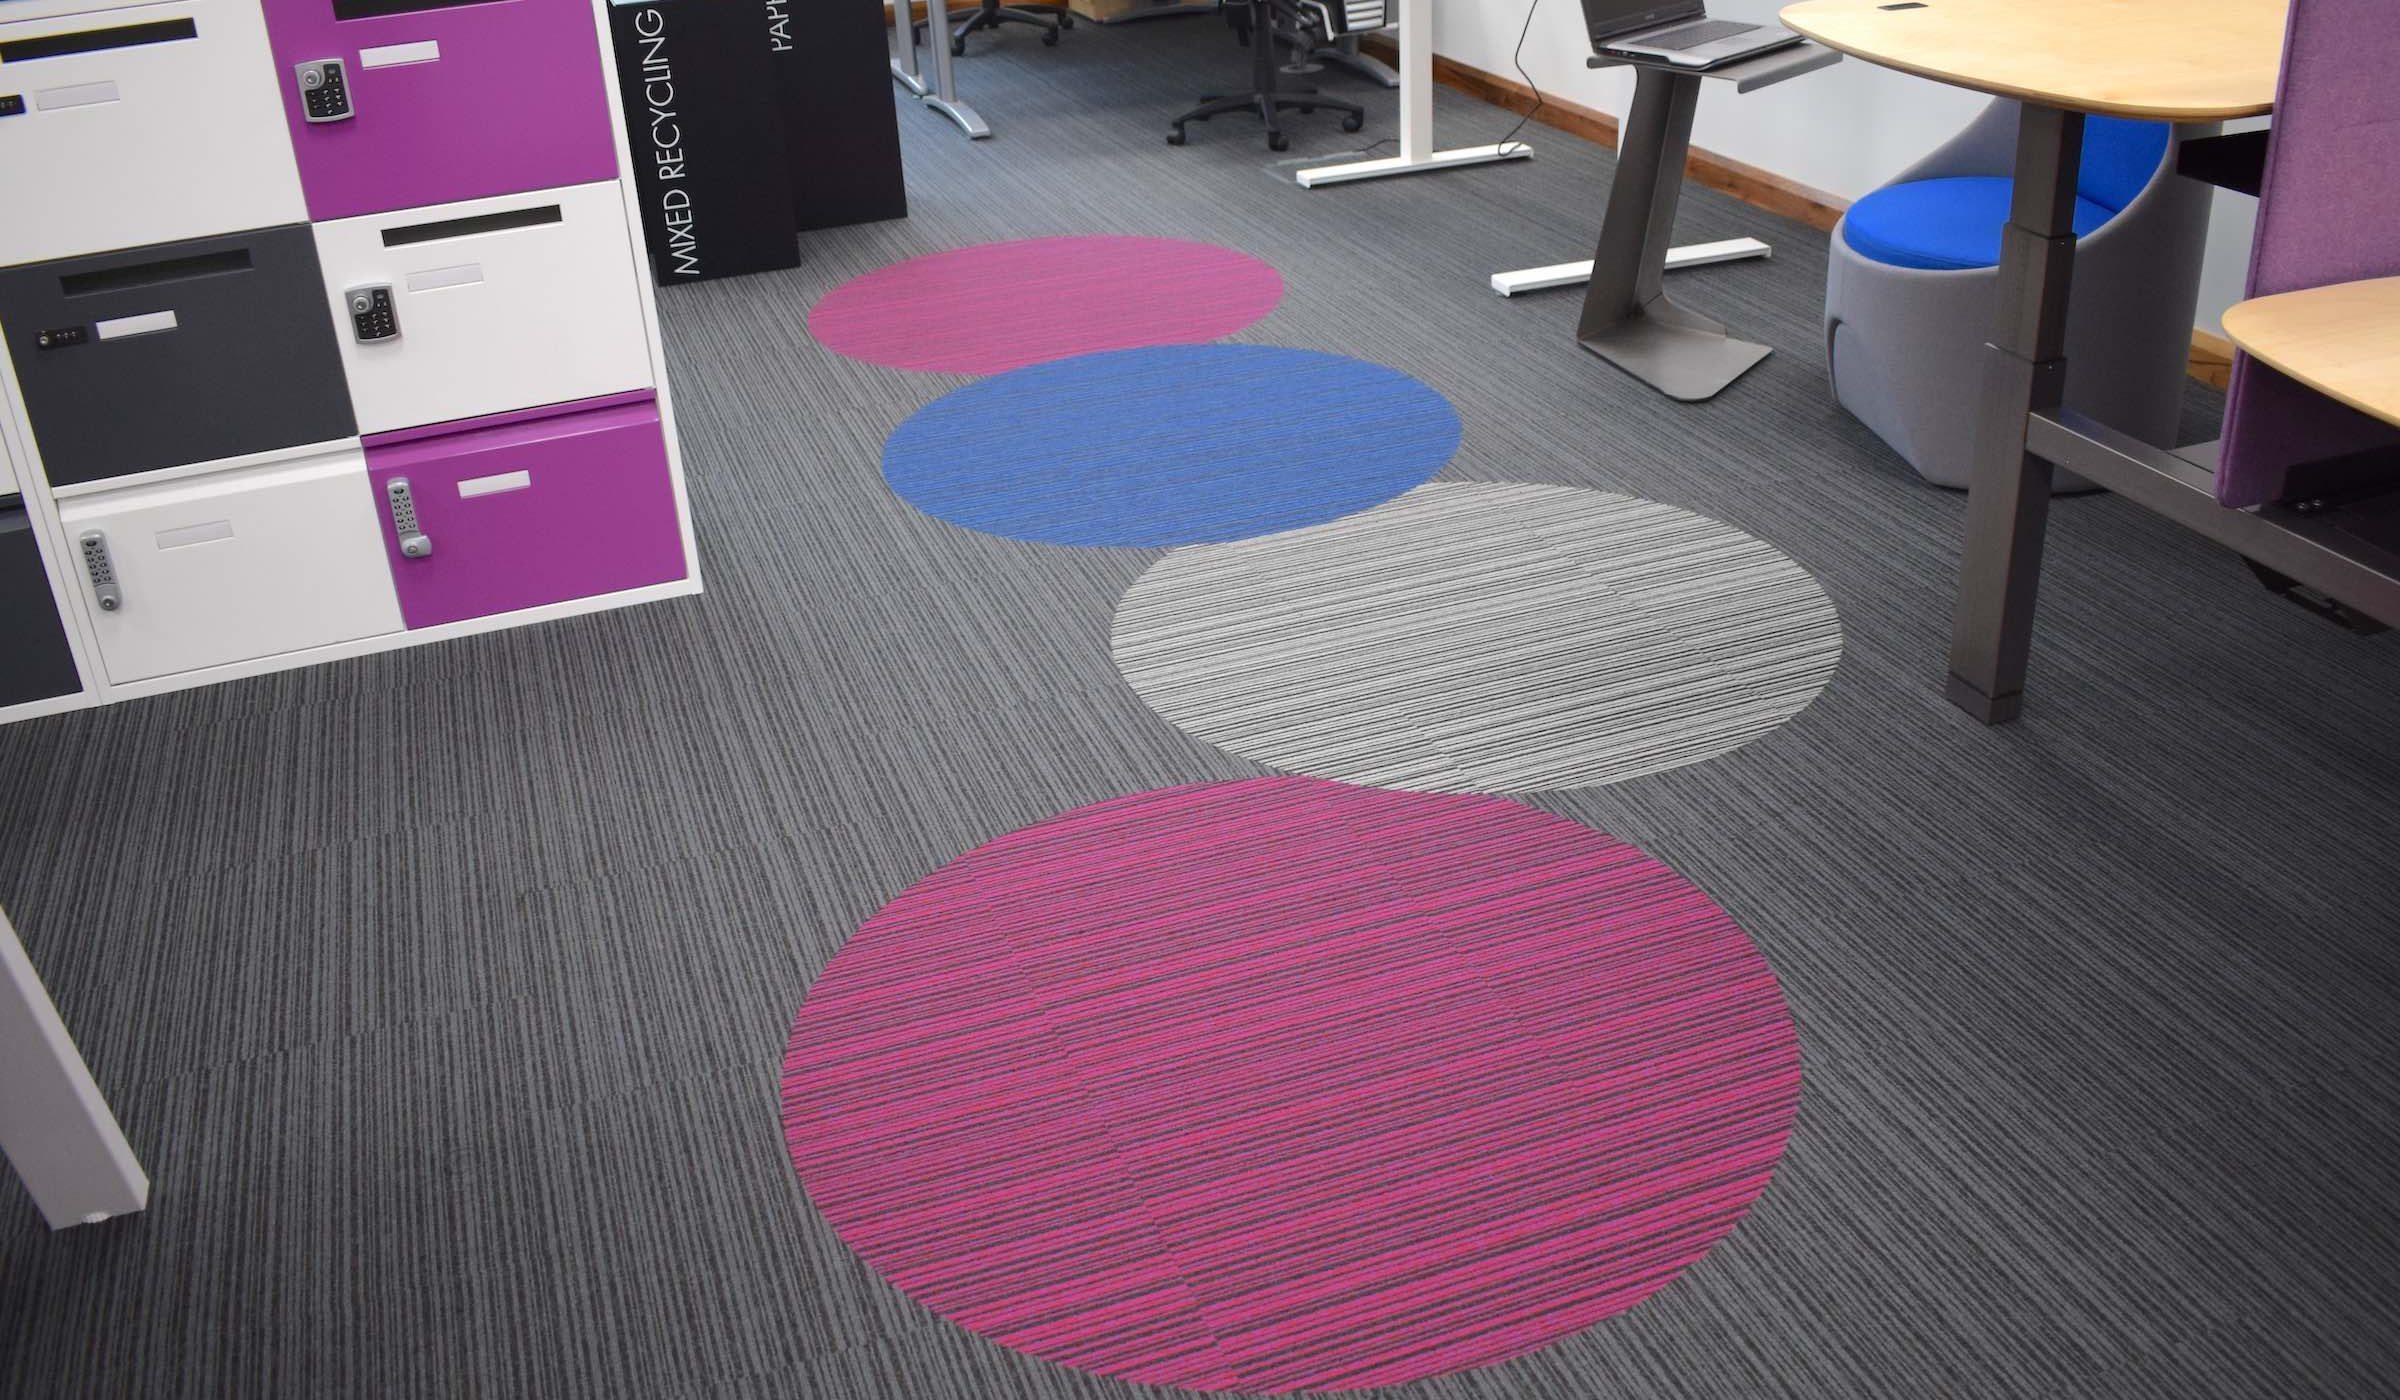 Codec | Paragon Carpet Tiles | Commercial Carpet Tiles | Design Carpet Tiles 5